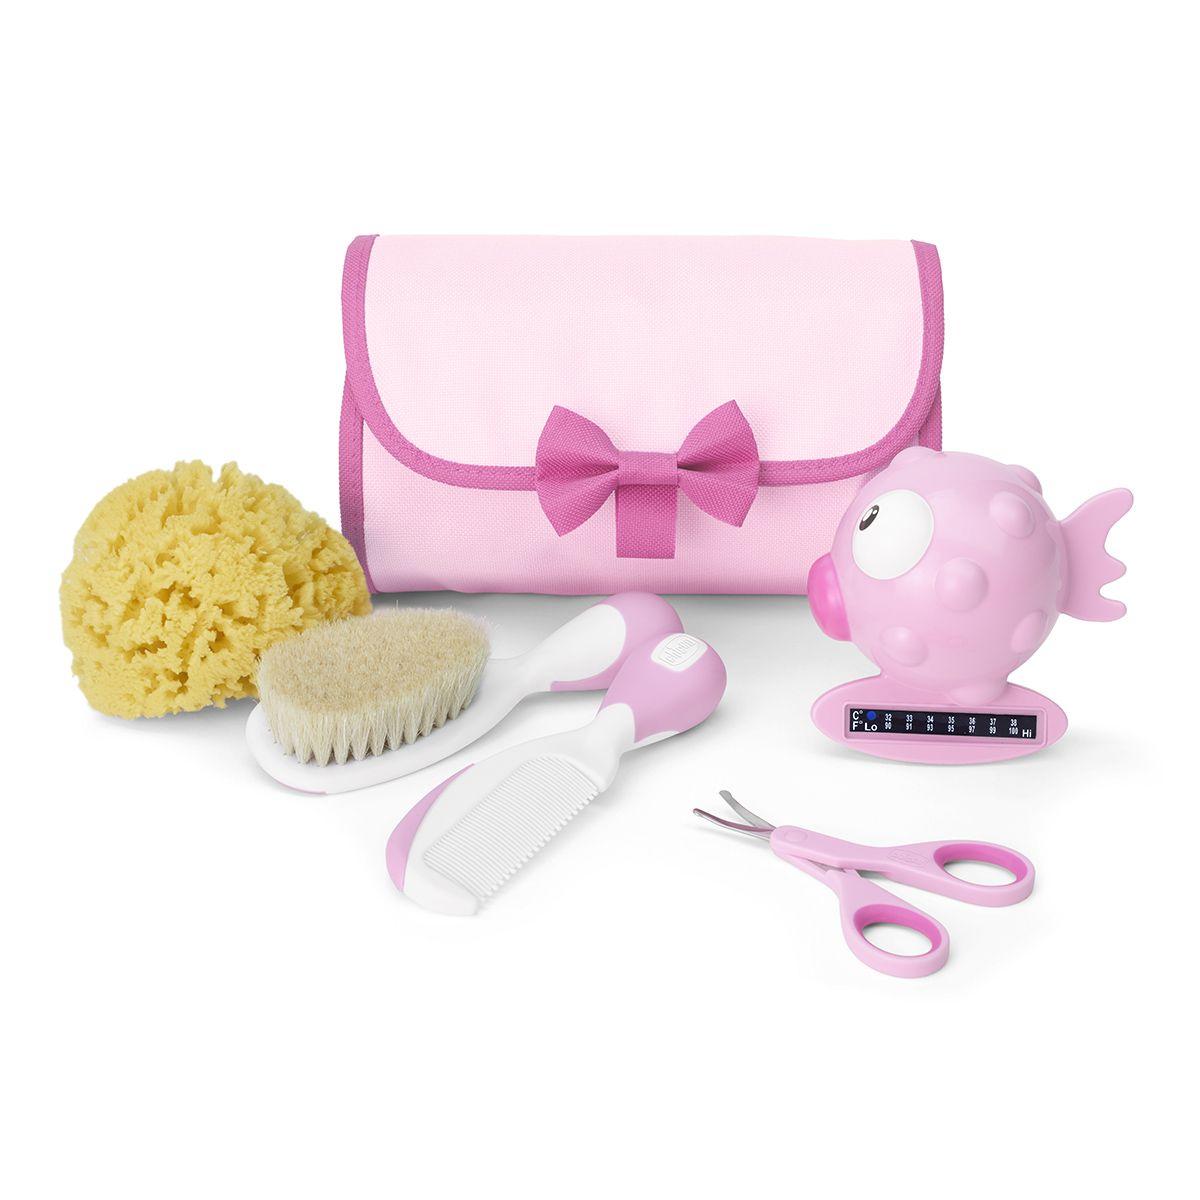 Kit de Higiene Menina - Chicco